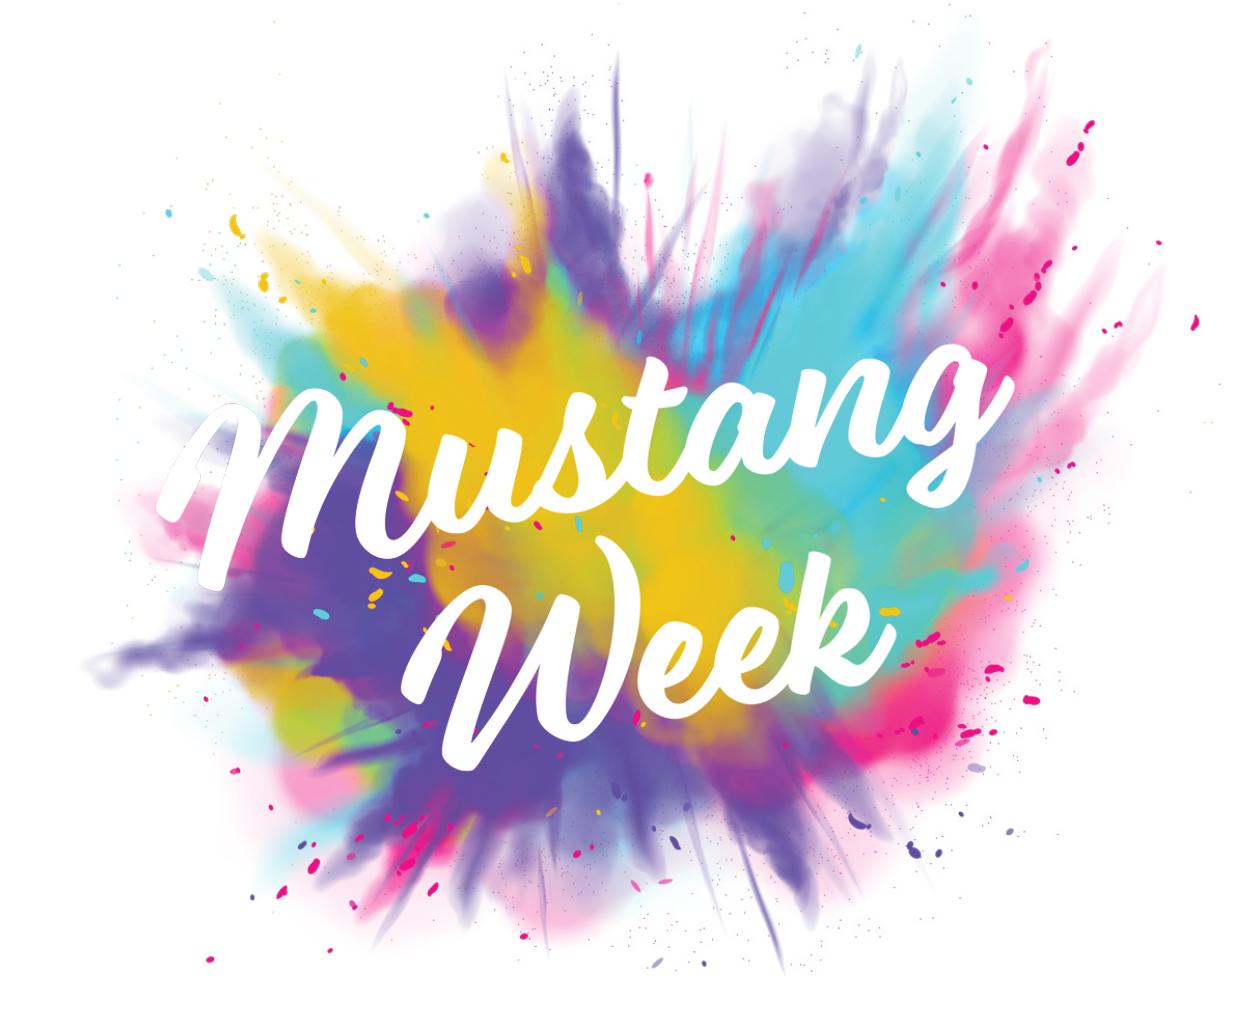 Mustang Week 2020